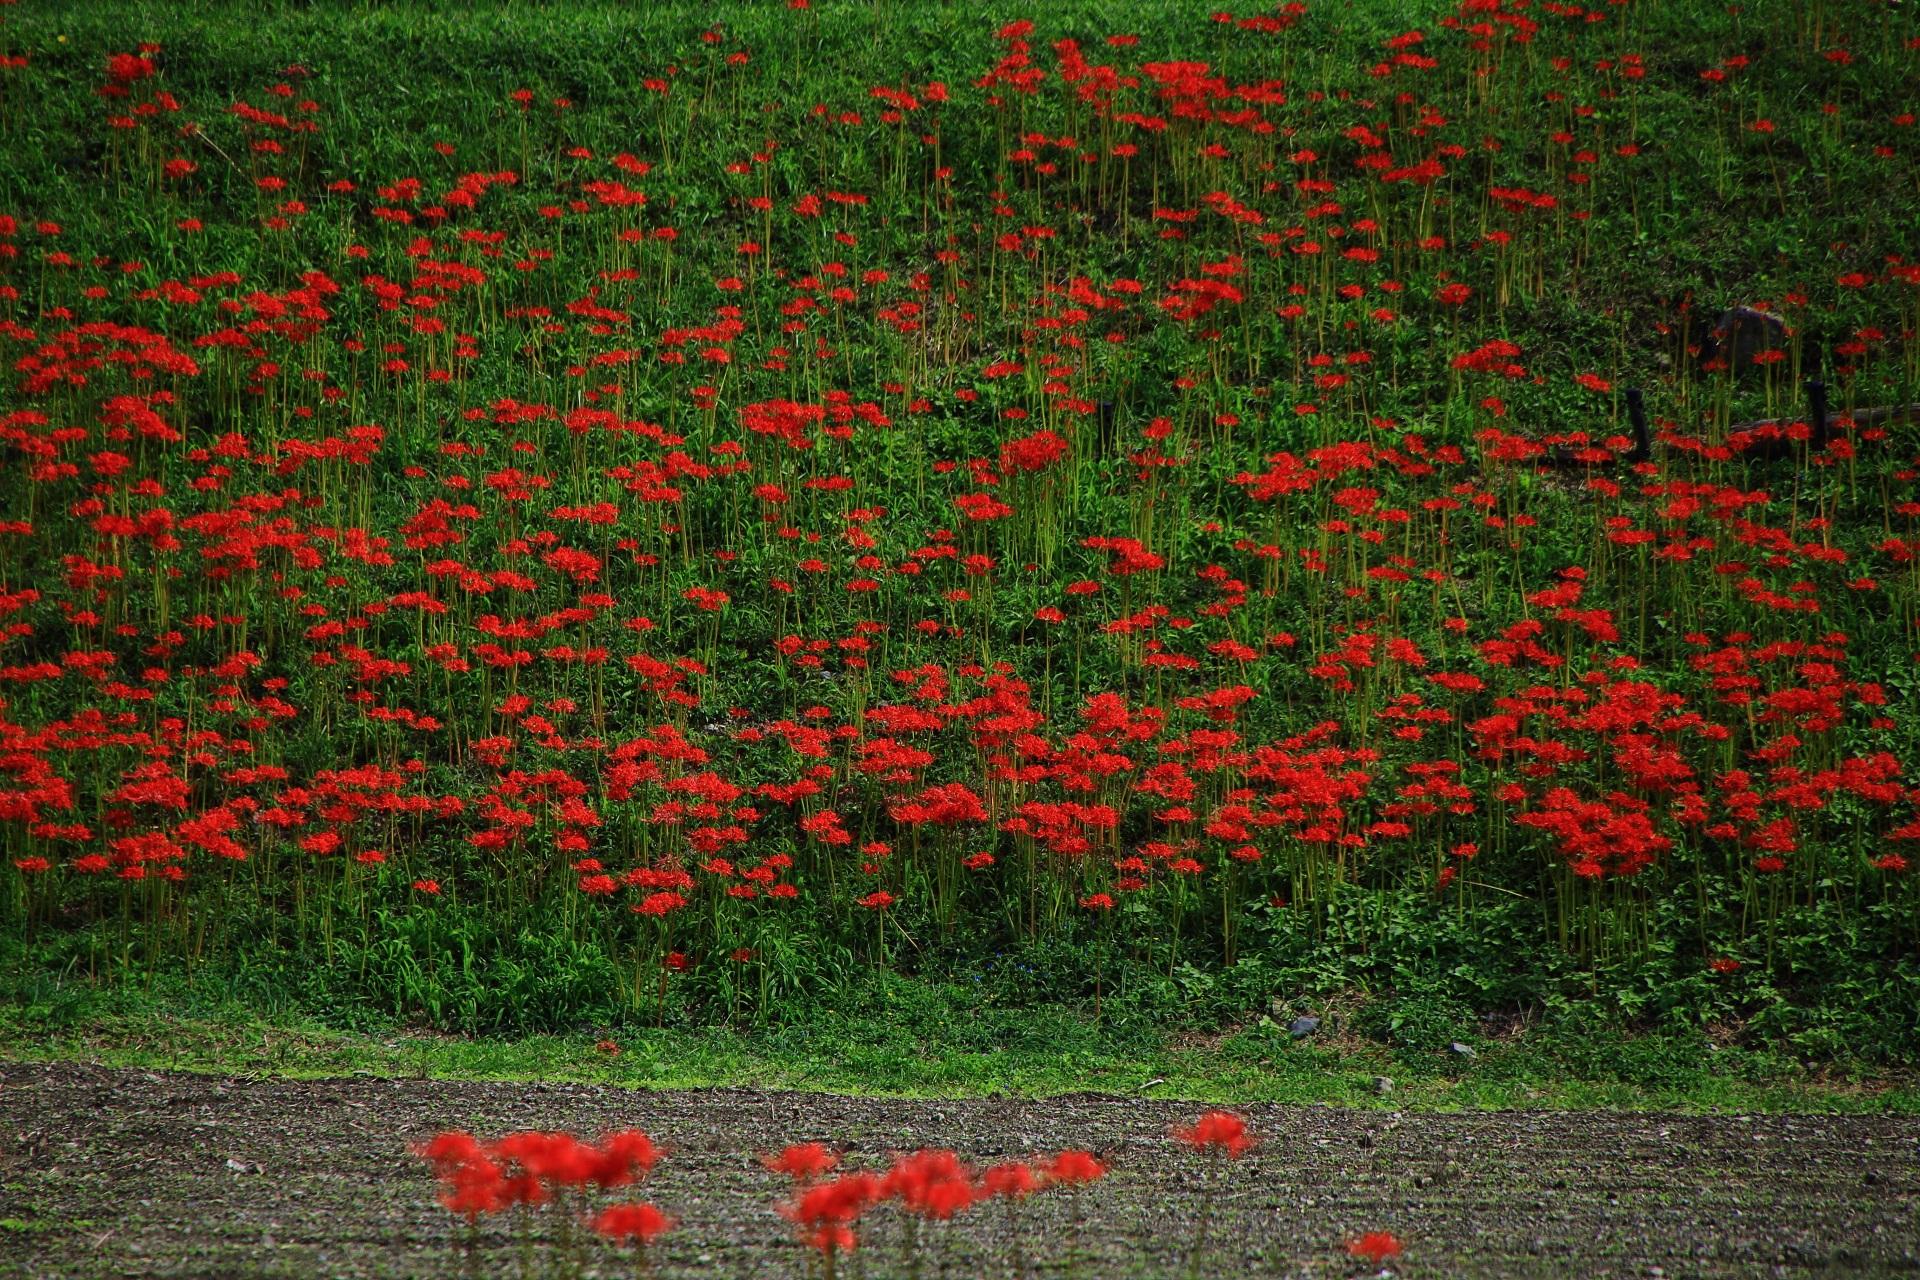 緑を彩る彼岸花の赤い彩り